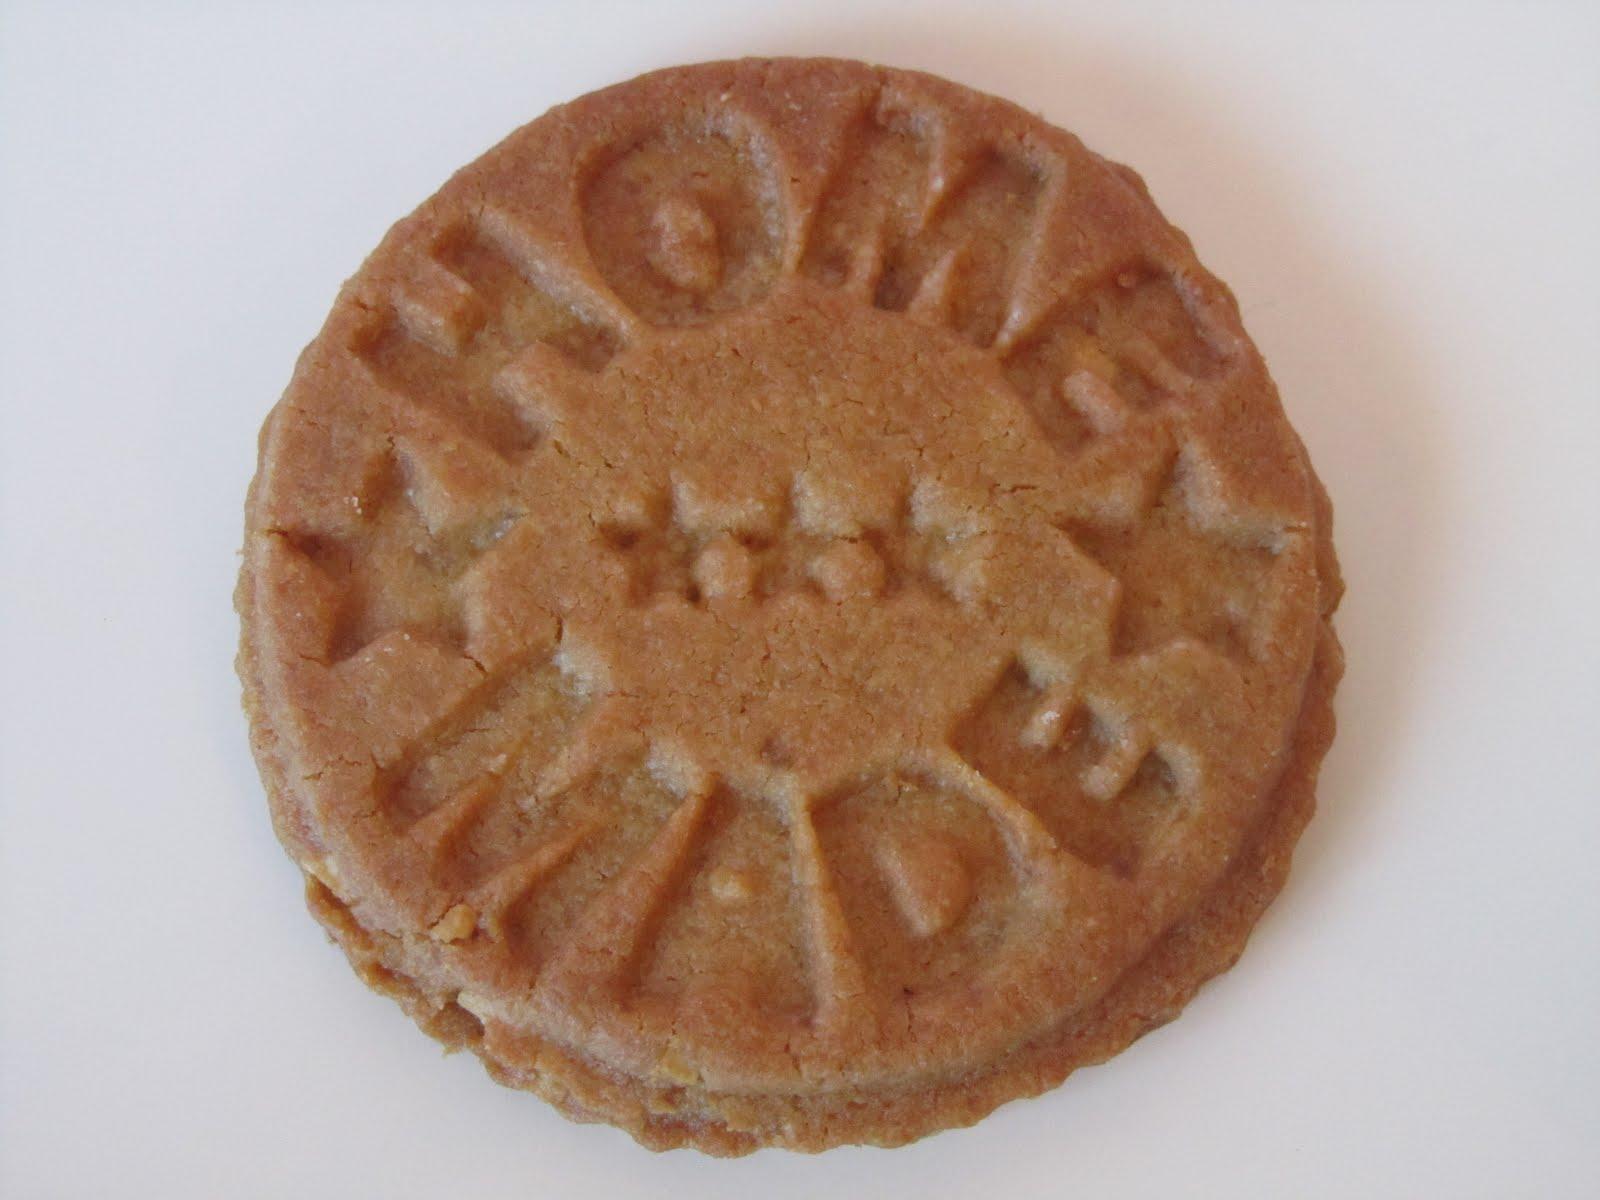 junio 2010 | Postreadicción: Cursos de pastelería, galletas ...